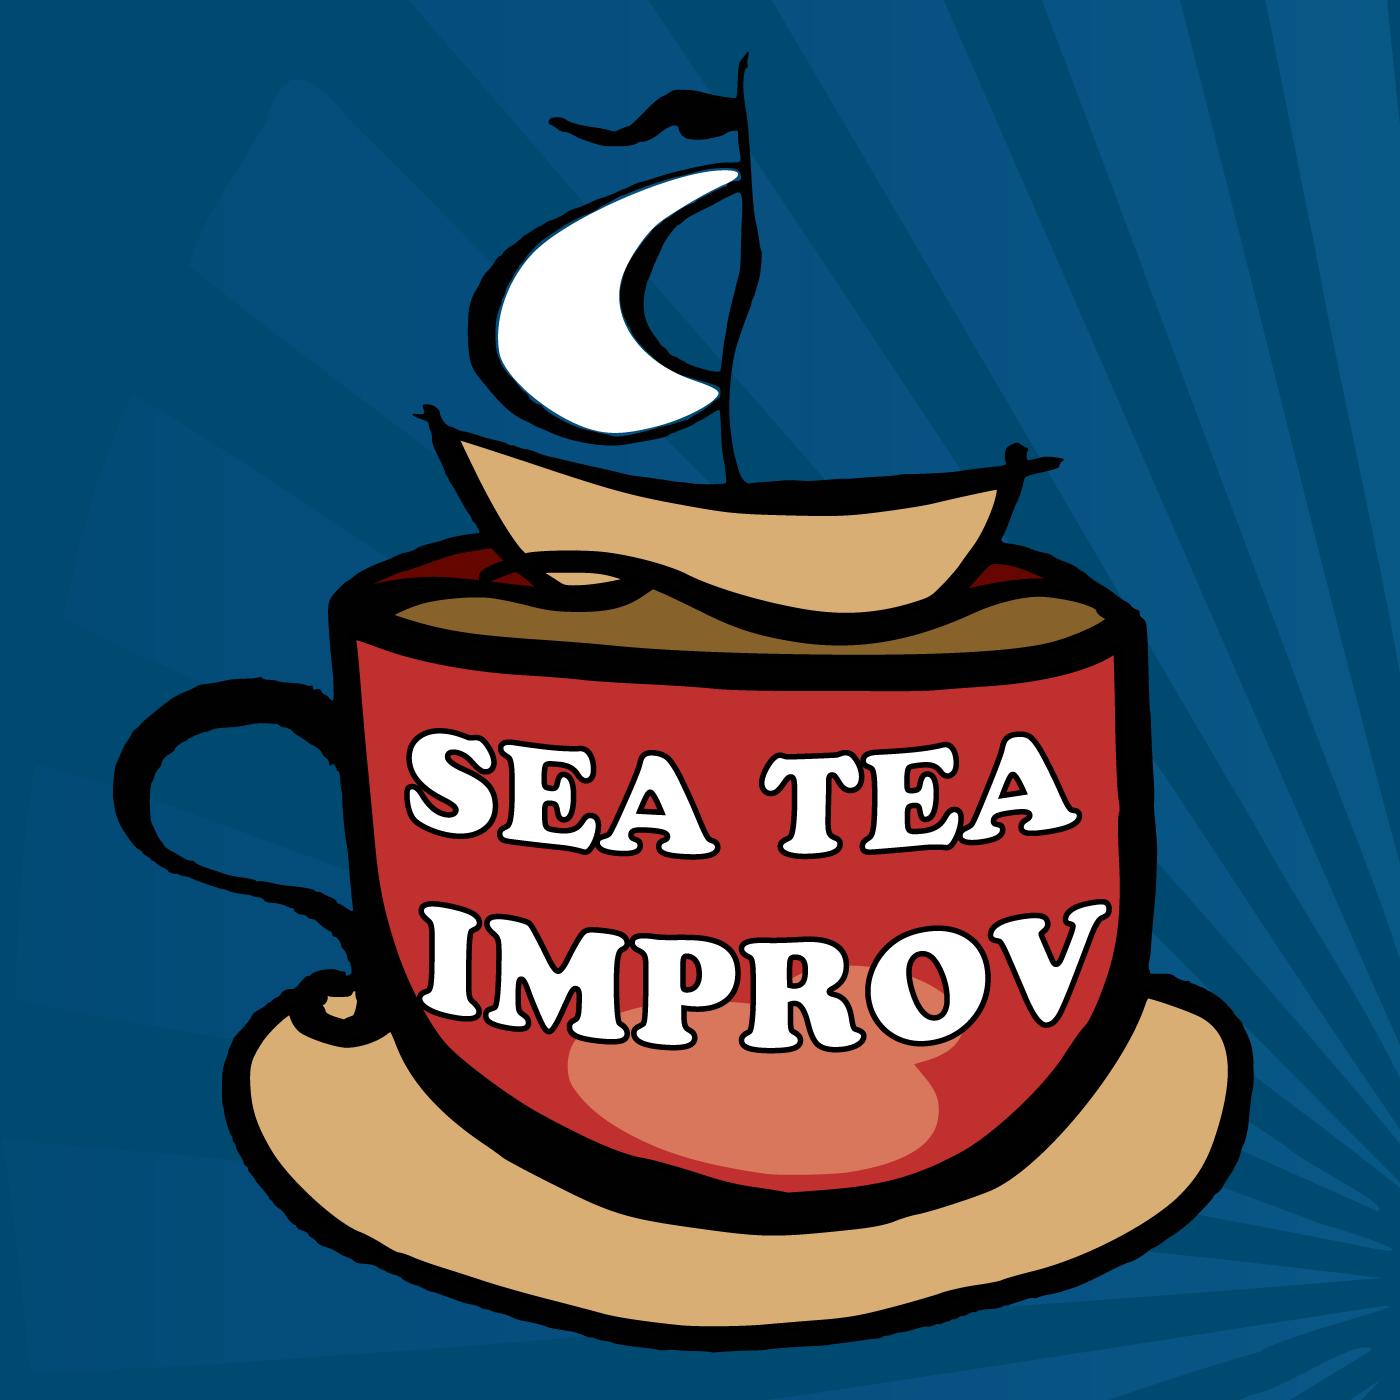 Sea Tea Improv | Hartford Comedy